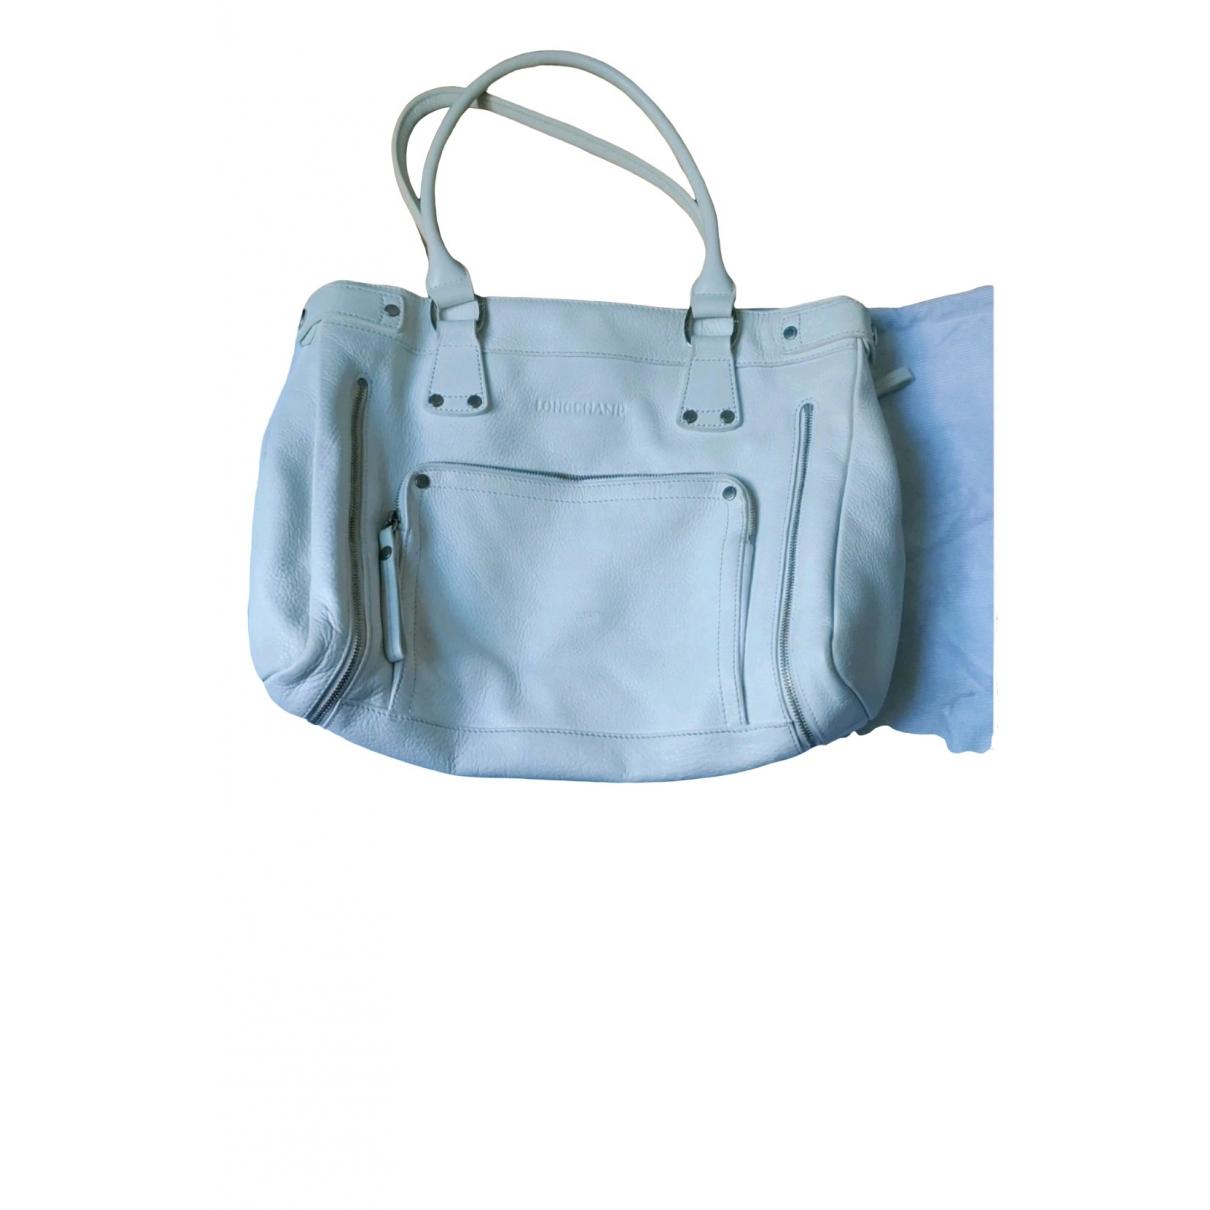 Longchamp \N White Leather handbag for Women \N